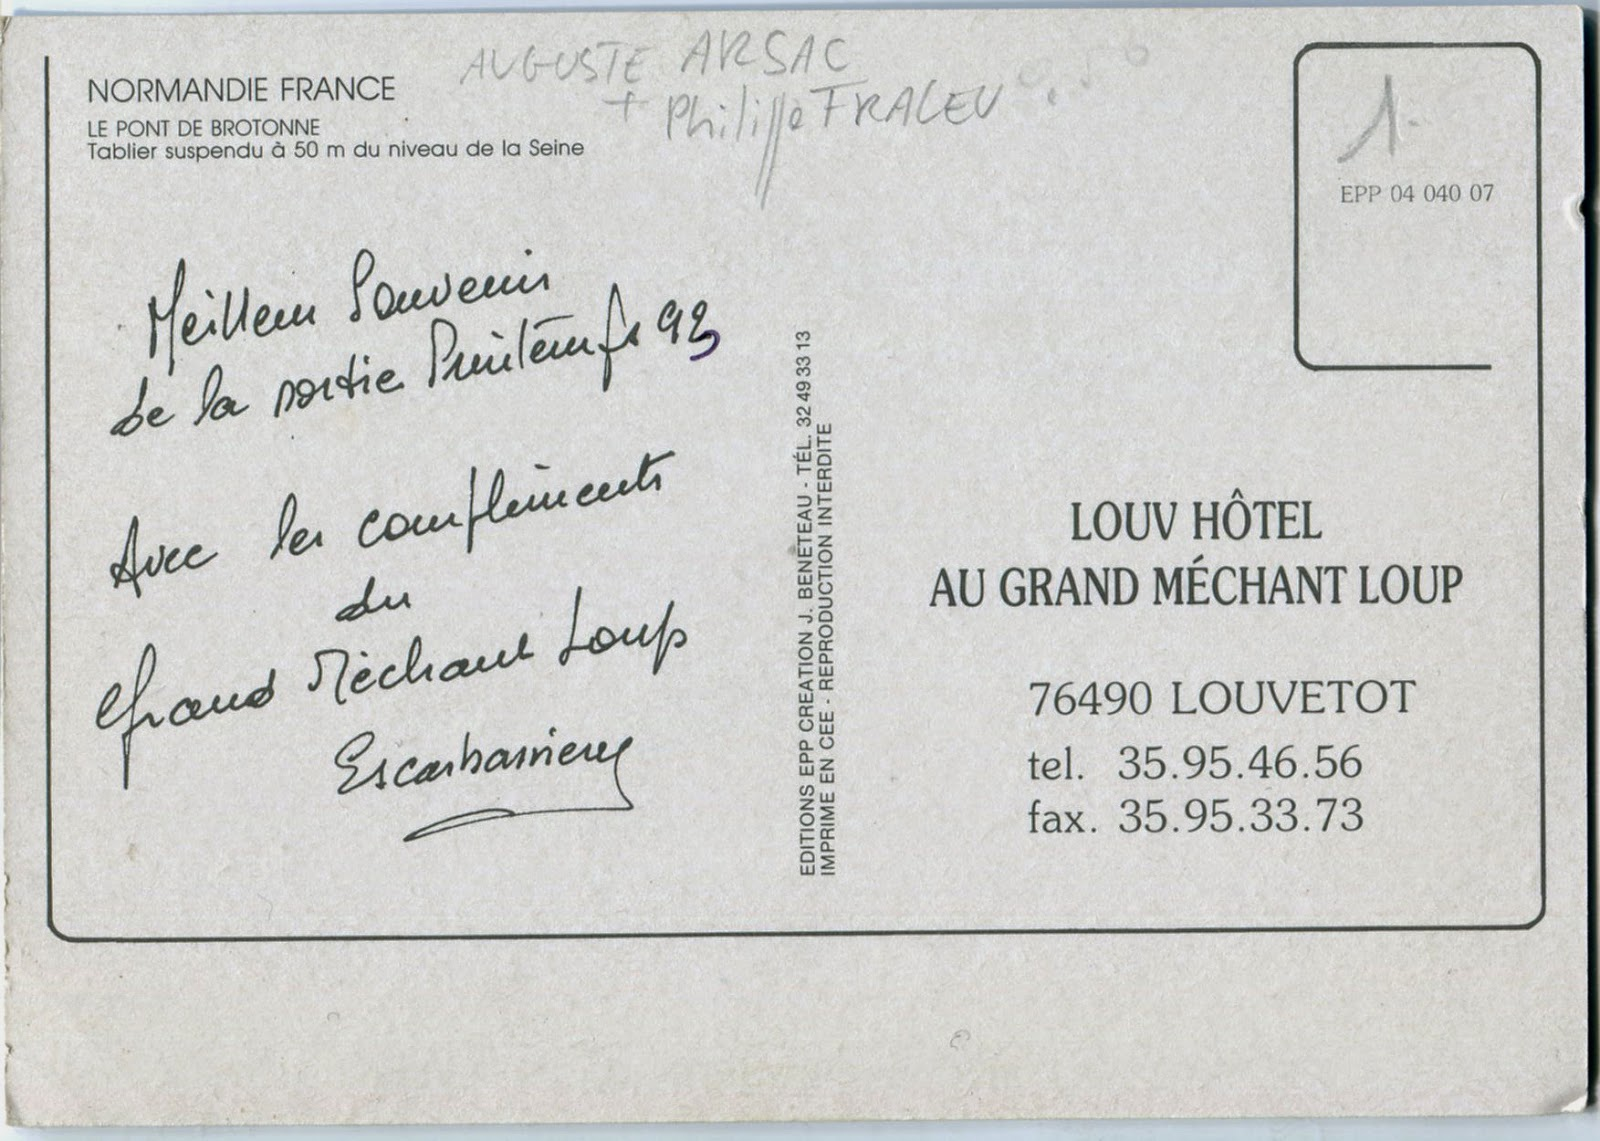 Célèbre Architectures de Cartes Postales 2: mai 2014 PB09